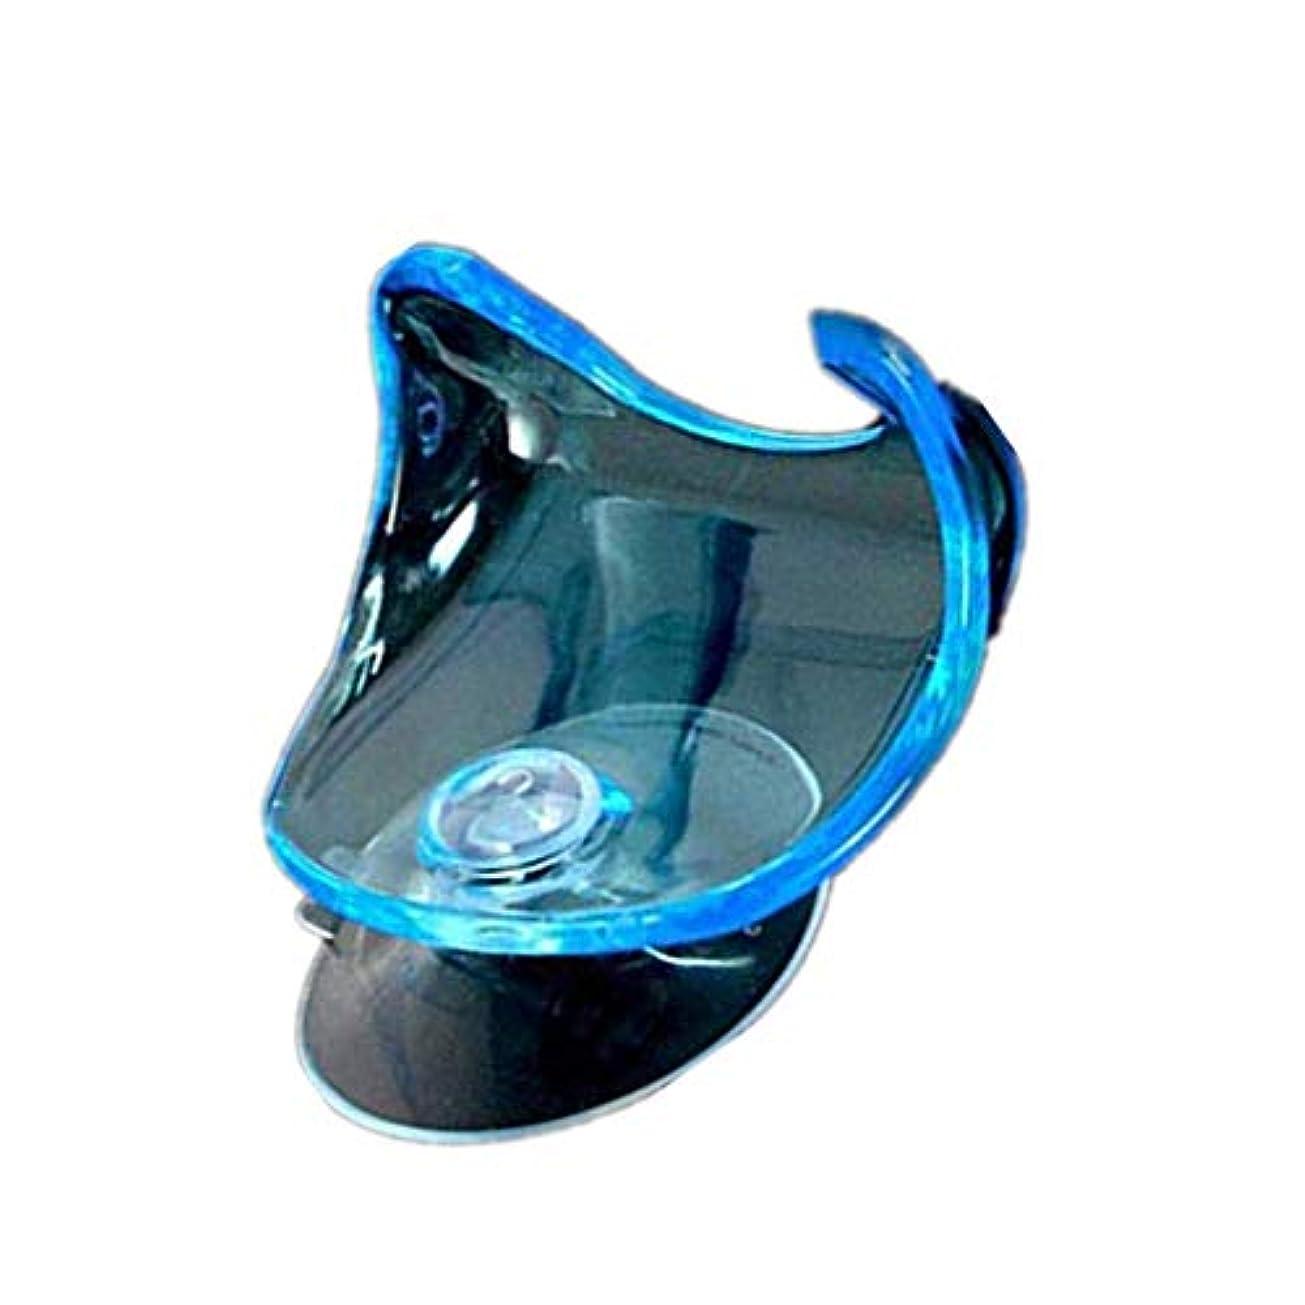 迷彩強度シダハンギングラッククリアストレージシェルフの浴室の吸盤サクションカップカミソリホルダー